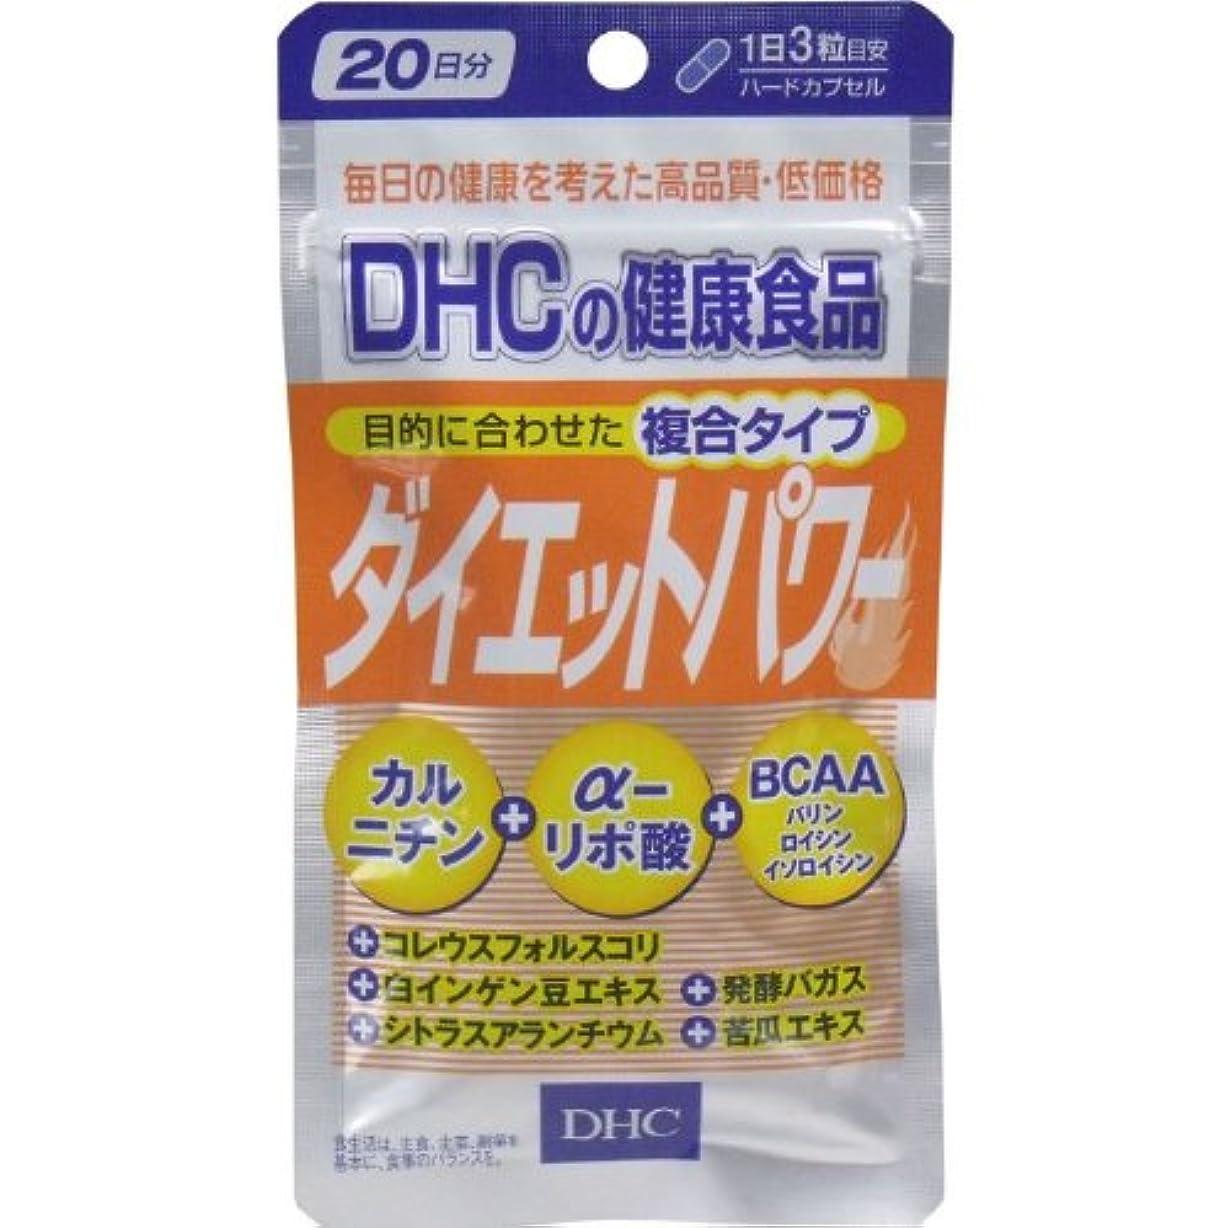 サーキットに行く受付王子DHC ダイエットパワー 60粒入 20日分「2点セット」